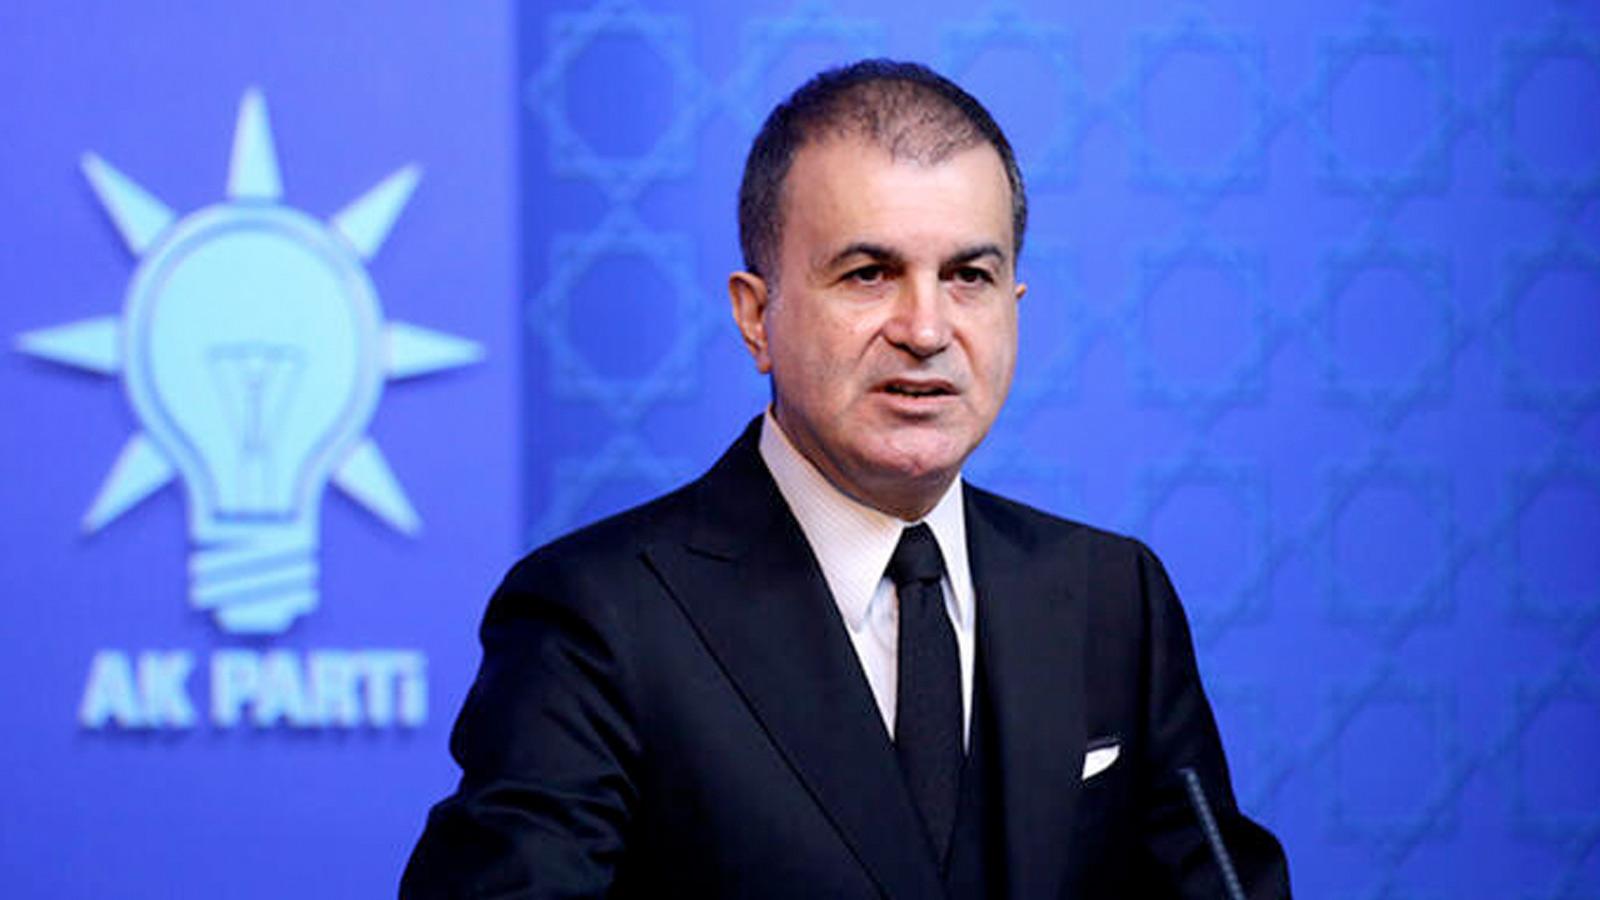 AKP'den İran'a tepki: İranlı siyasetçiler pusulalarını kaybetmişler!